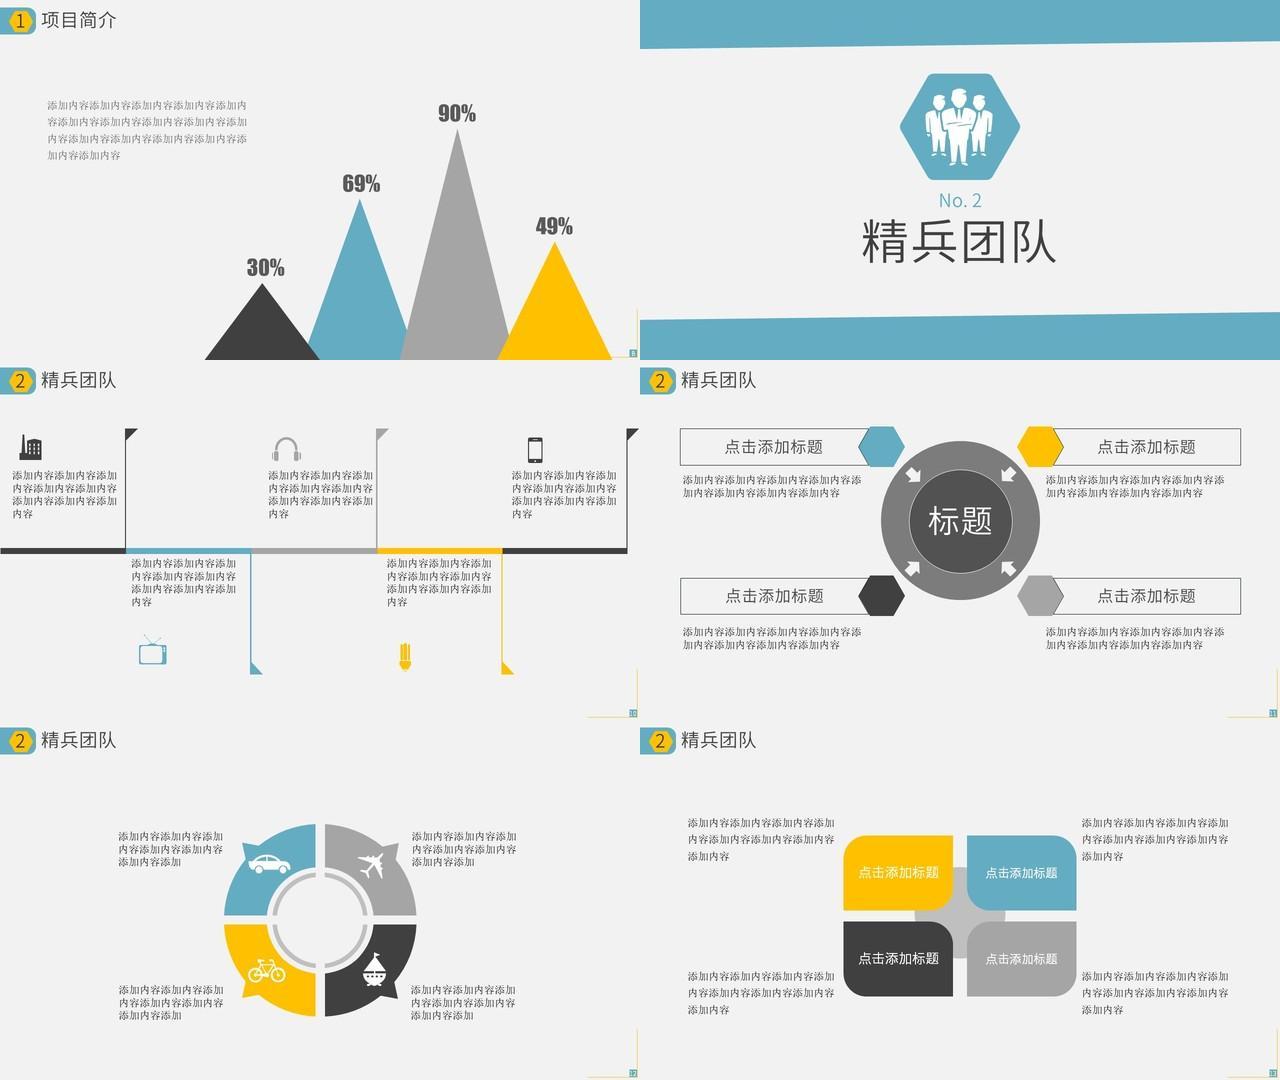 内蒙古女大学生就业创业扶持项目启动_创业项目